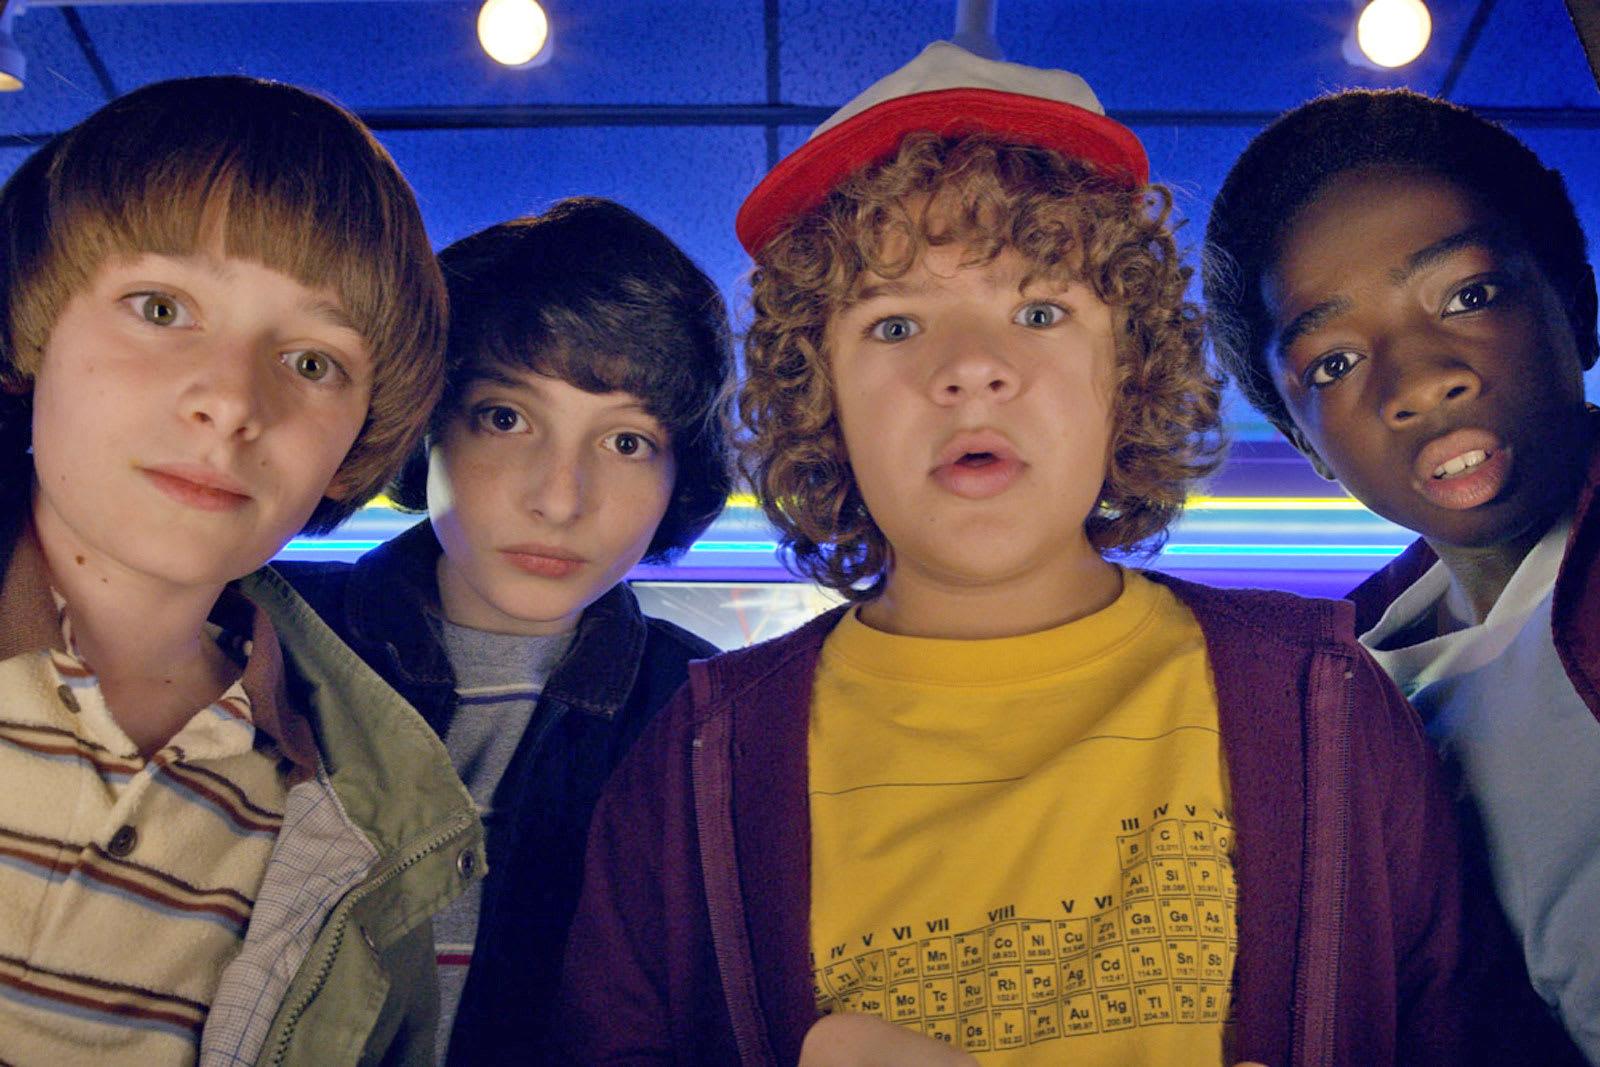 Netflix won't premiere 'Stranger Things' season 3 until